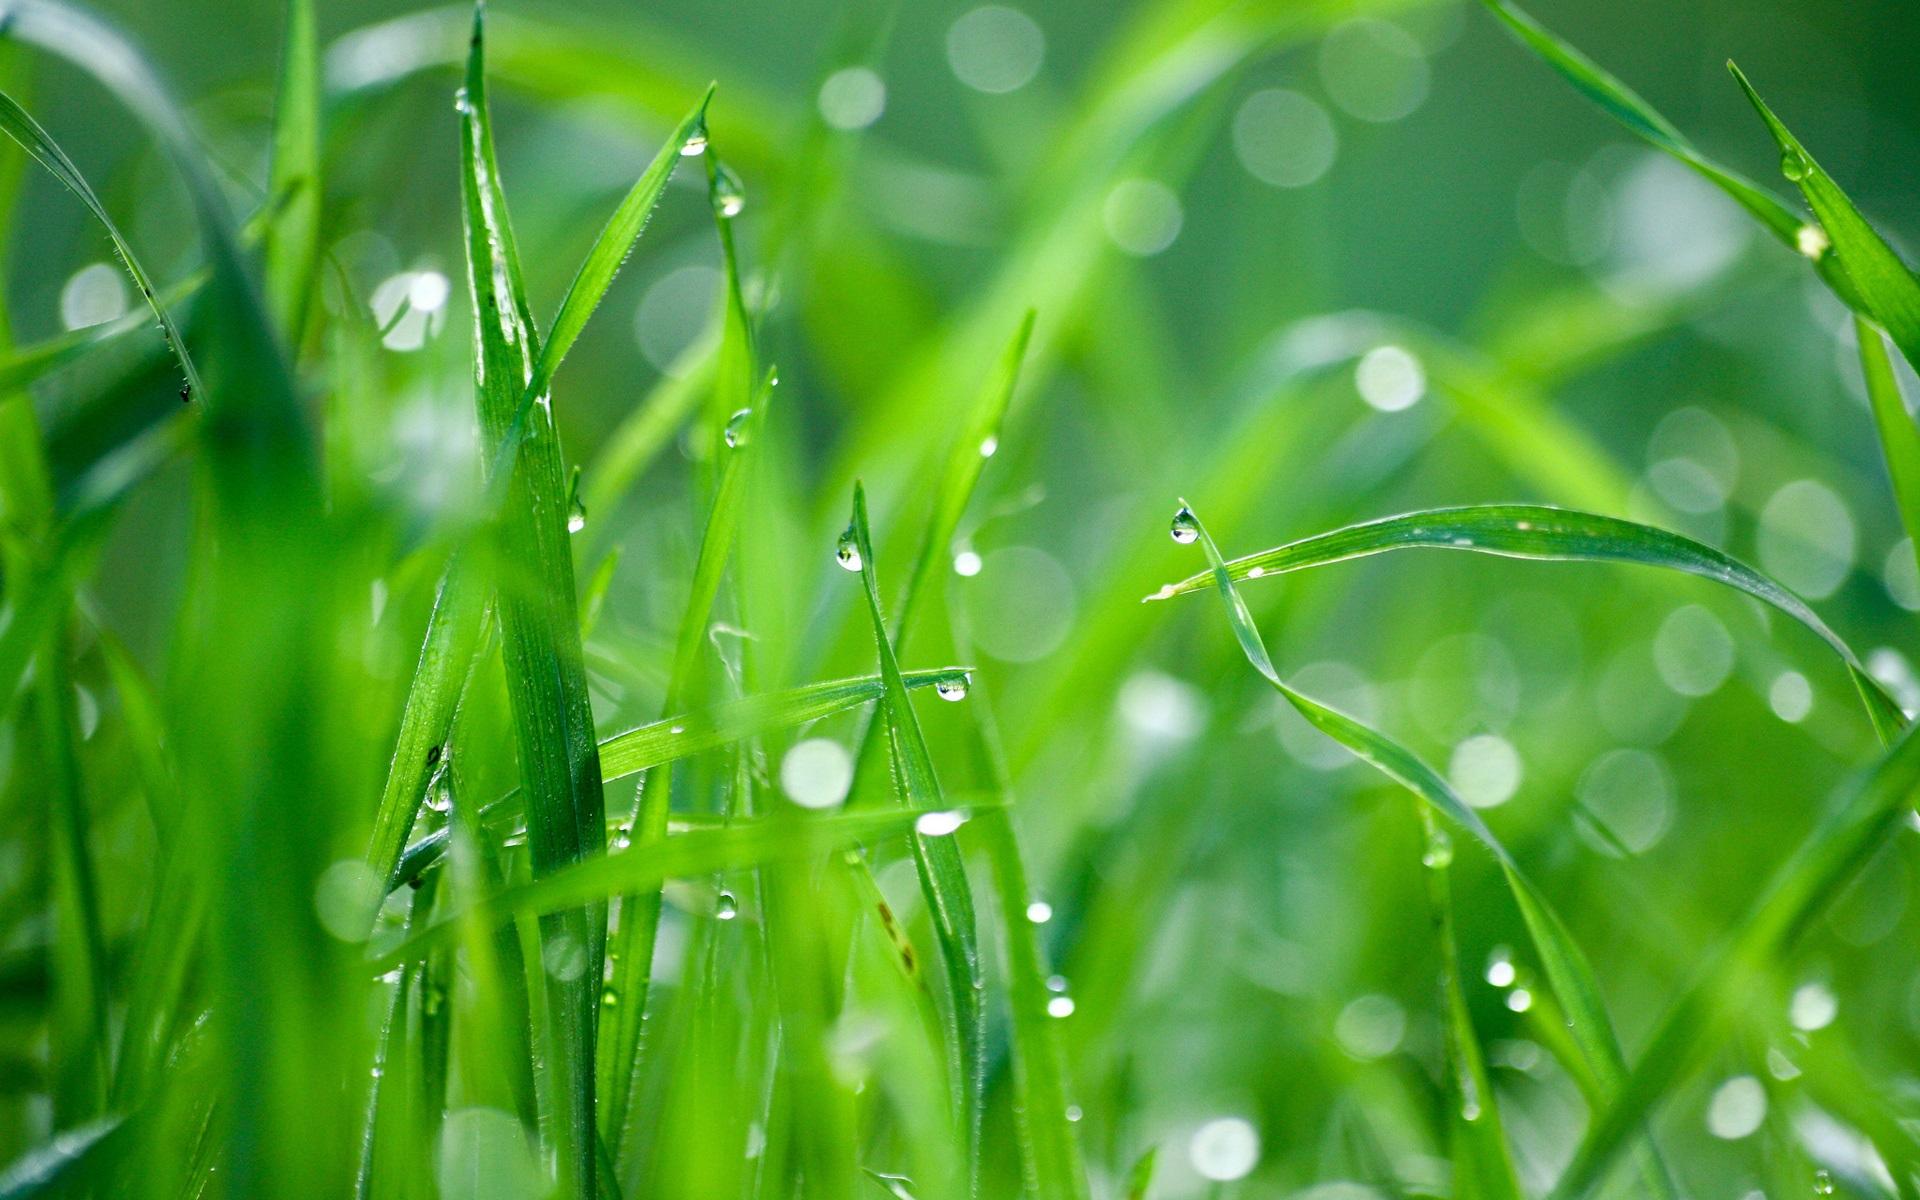 3d Water Drop Live Wallpaper Green Grass After Rain Wallpaper Nature And Landscape